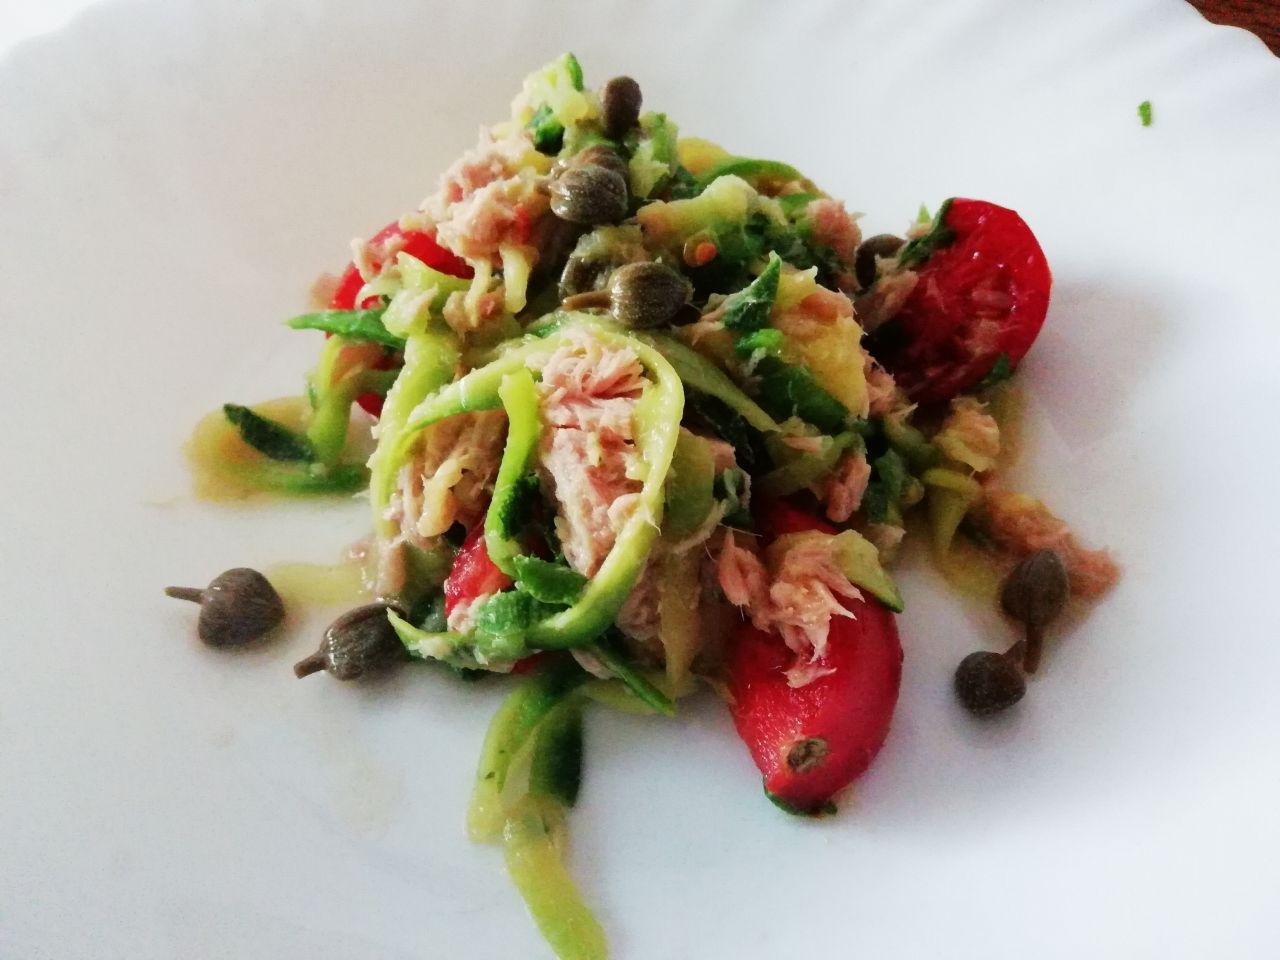 Piatti unici estivi: spaghetti di zucchine al tonno, senza formaggio!